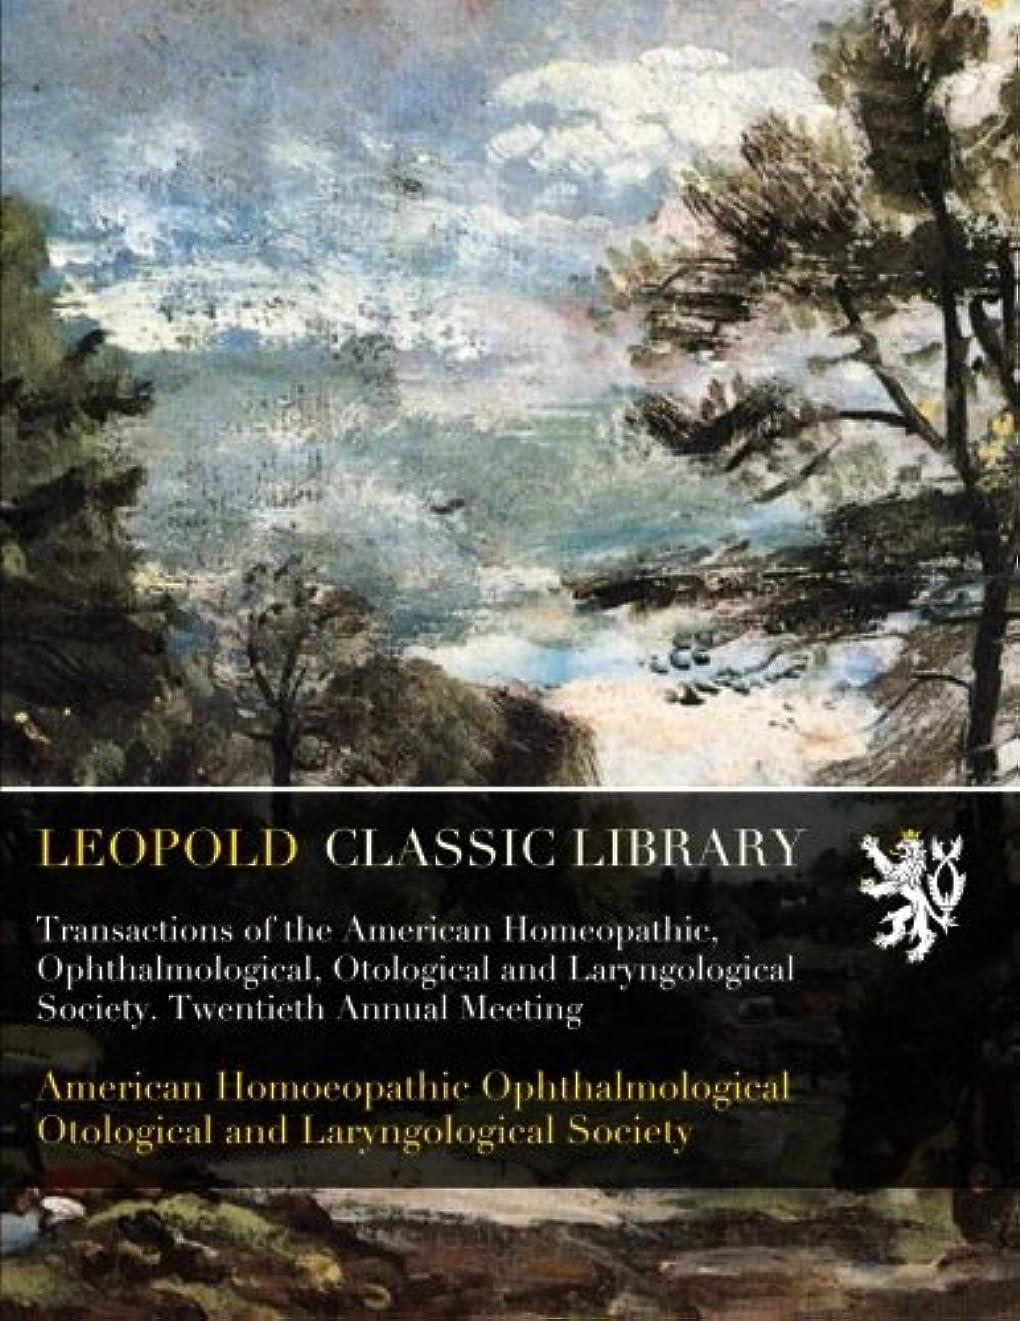 ご意見用語集最大Transactions of the American Homeopathic, Ophthalmological, Otological and Laryngological Society. Twentieth Annual Meeting